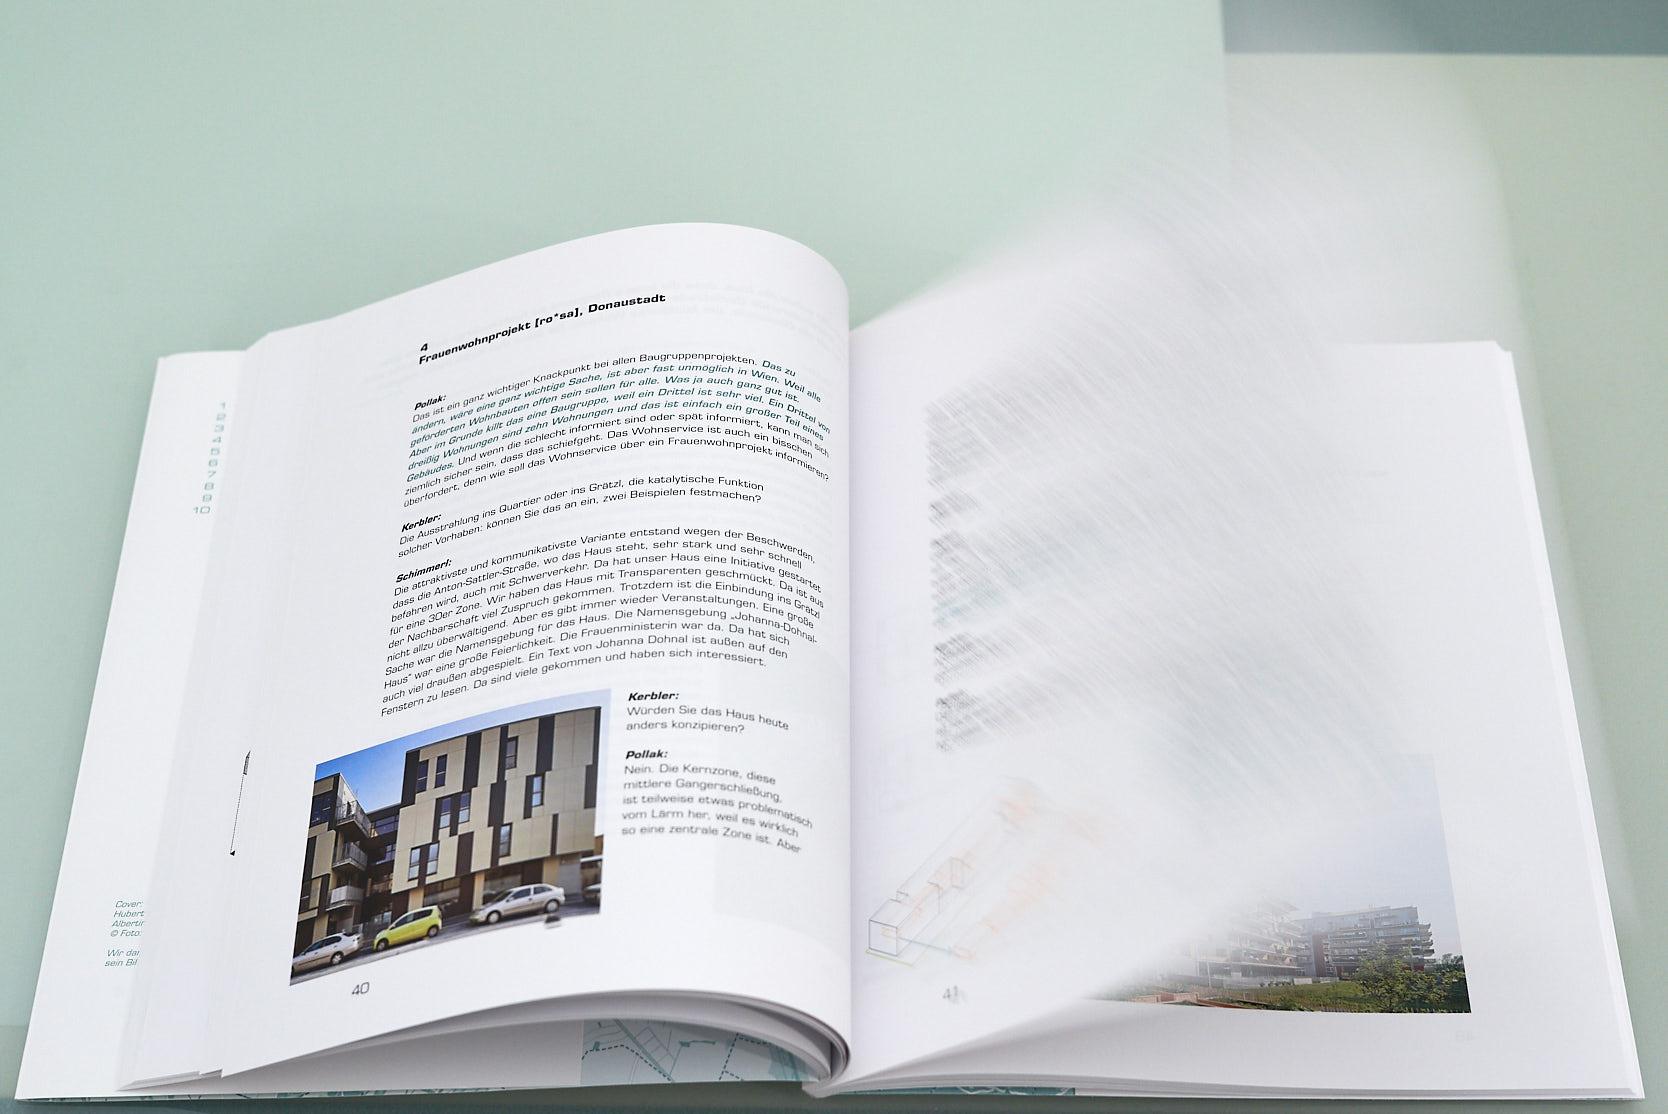 Stadt der Zukunft - über partizipatives Bauen: Pages